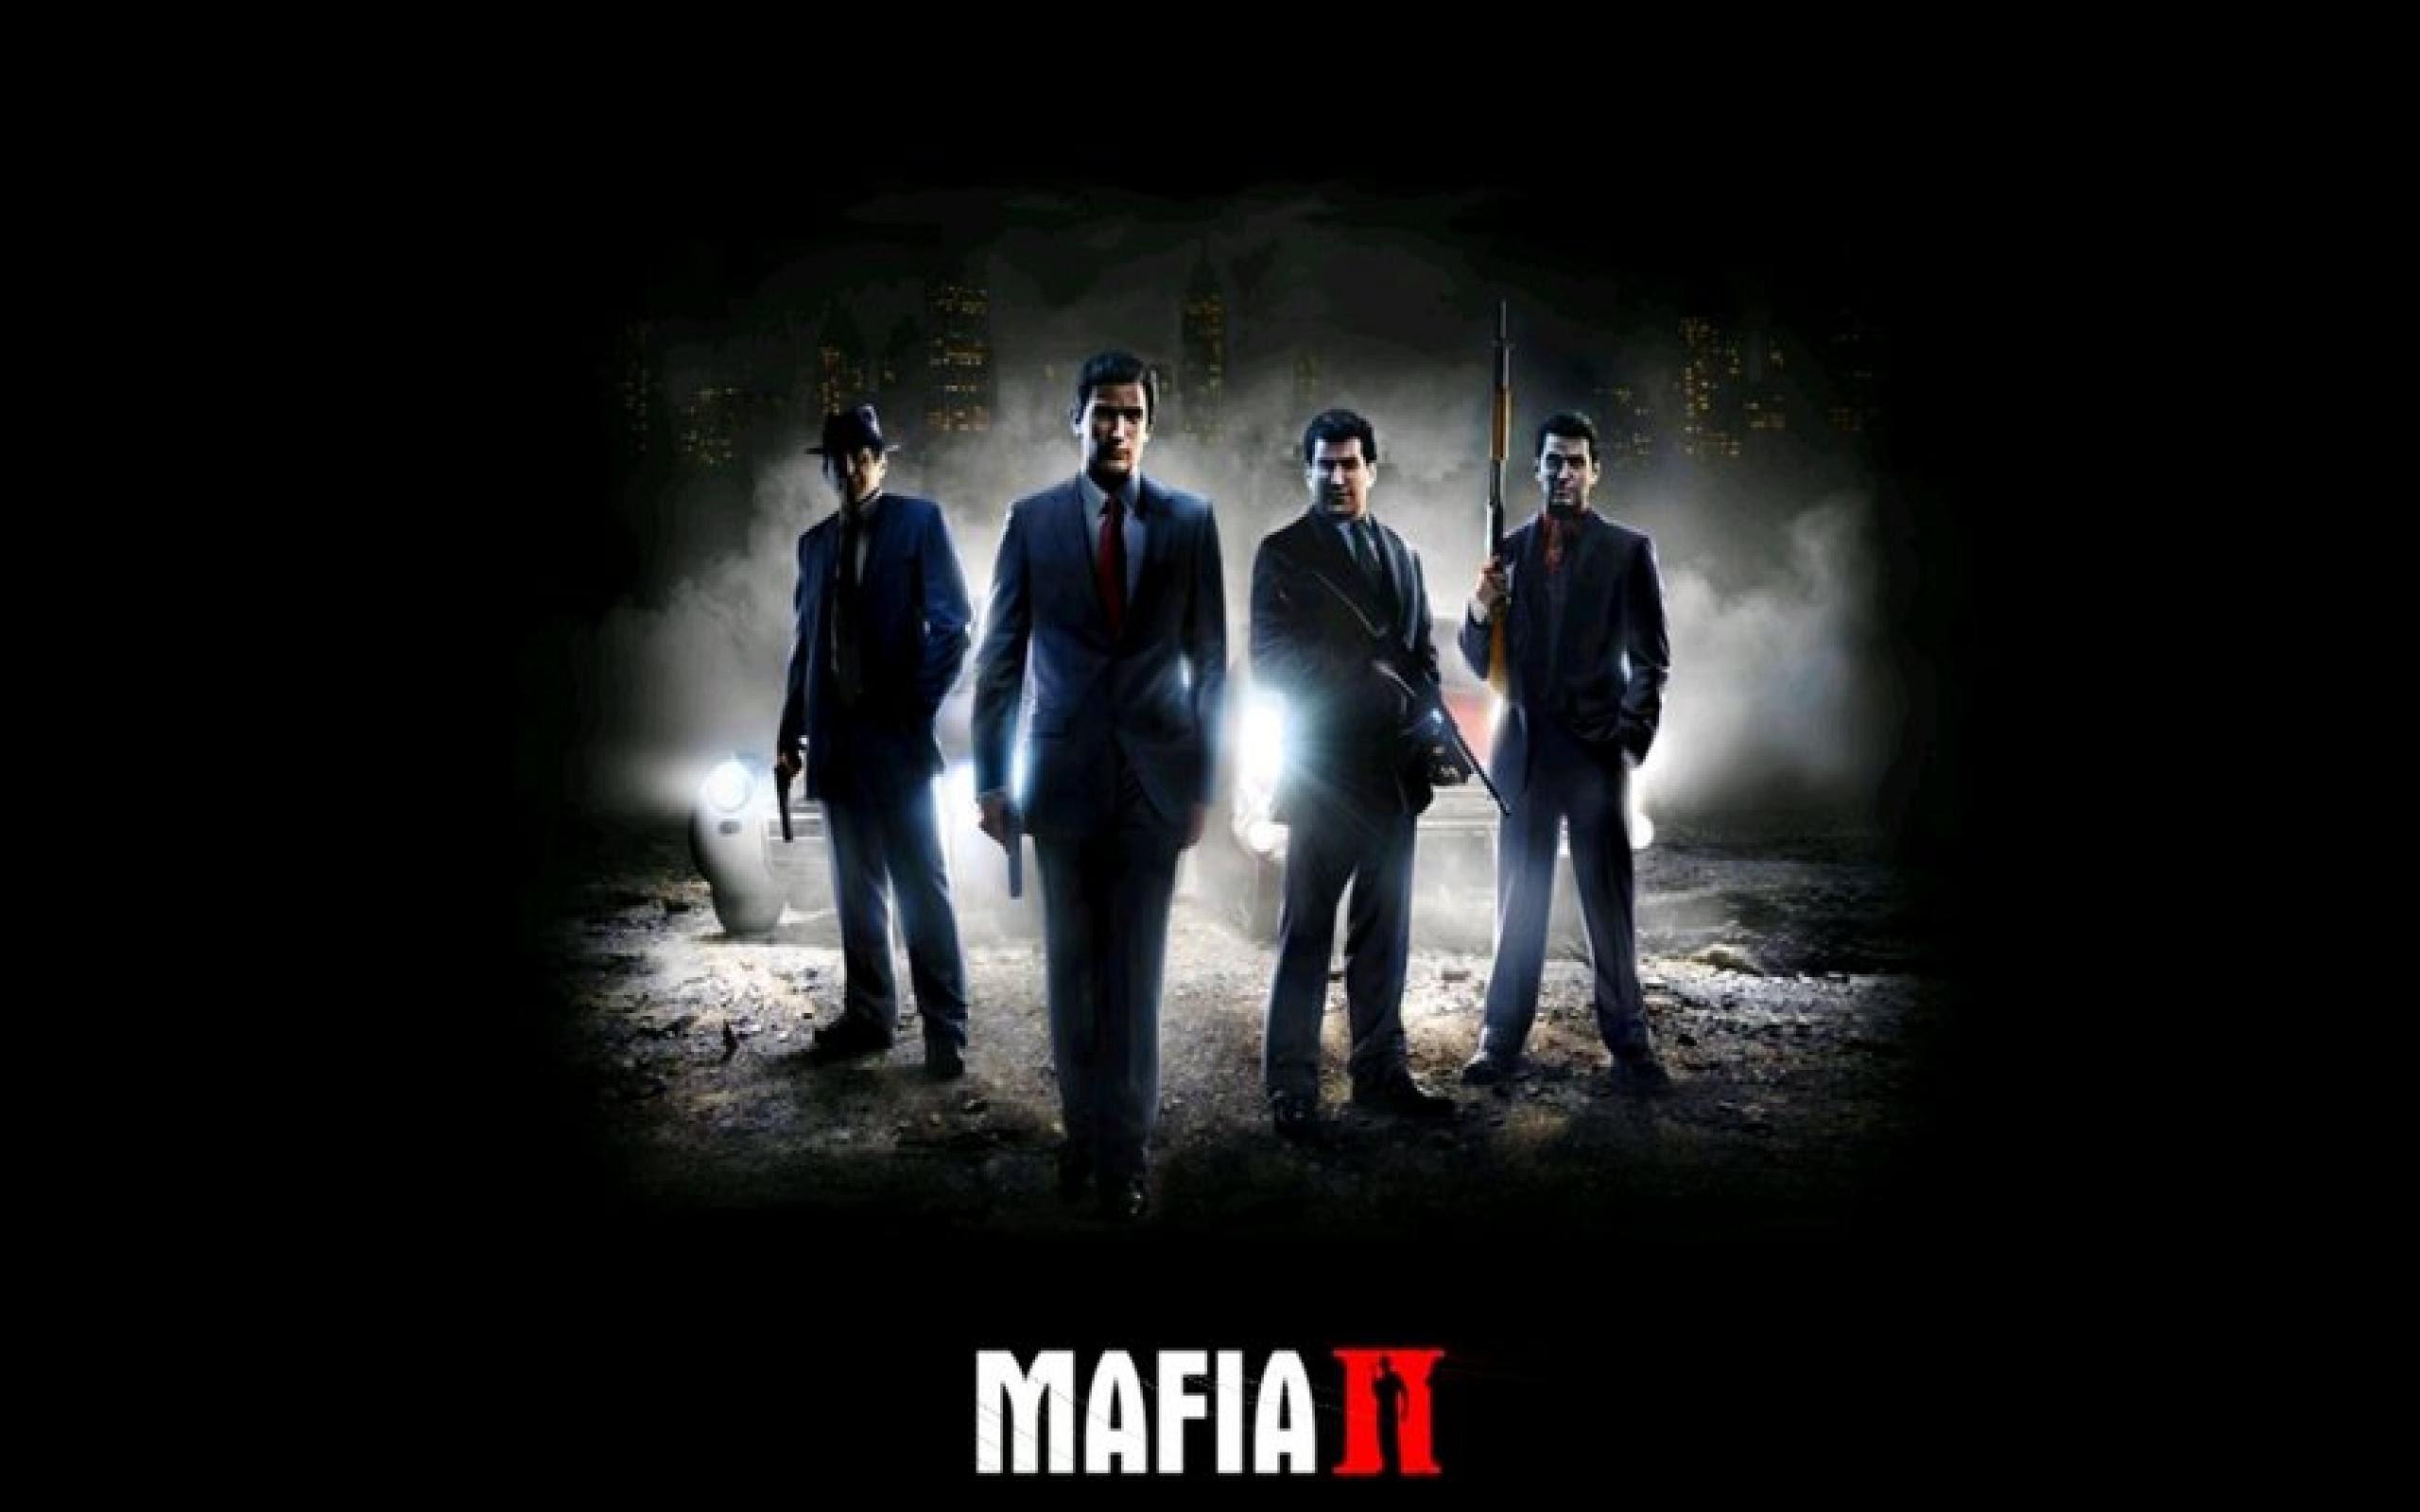 Mafia 2 Wallpaper Hd